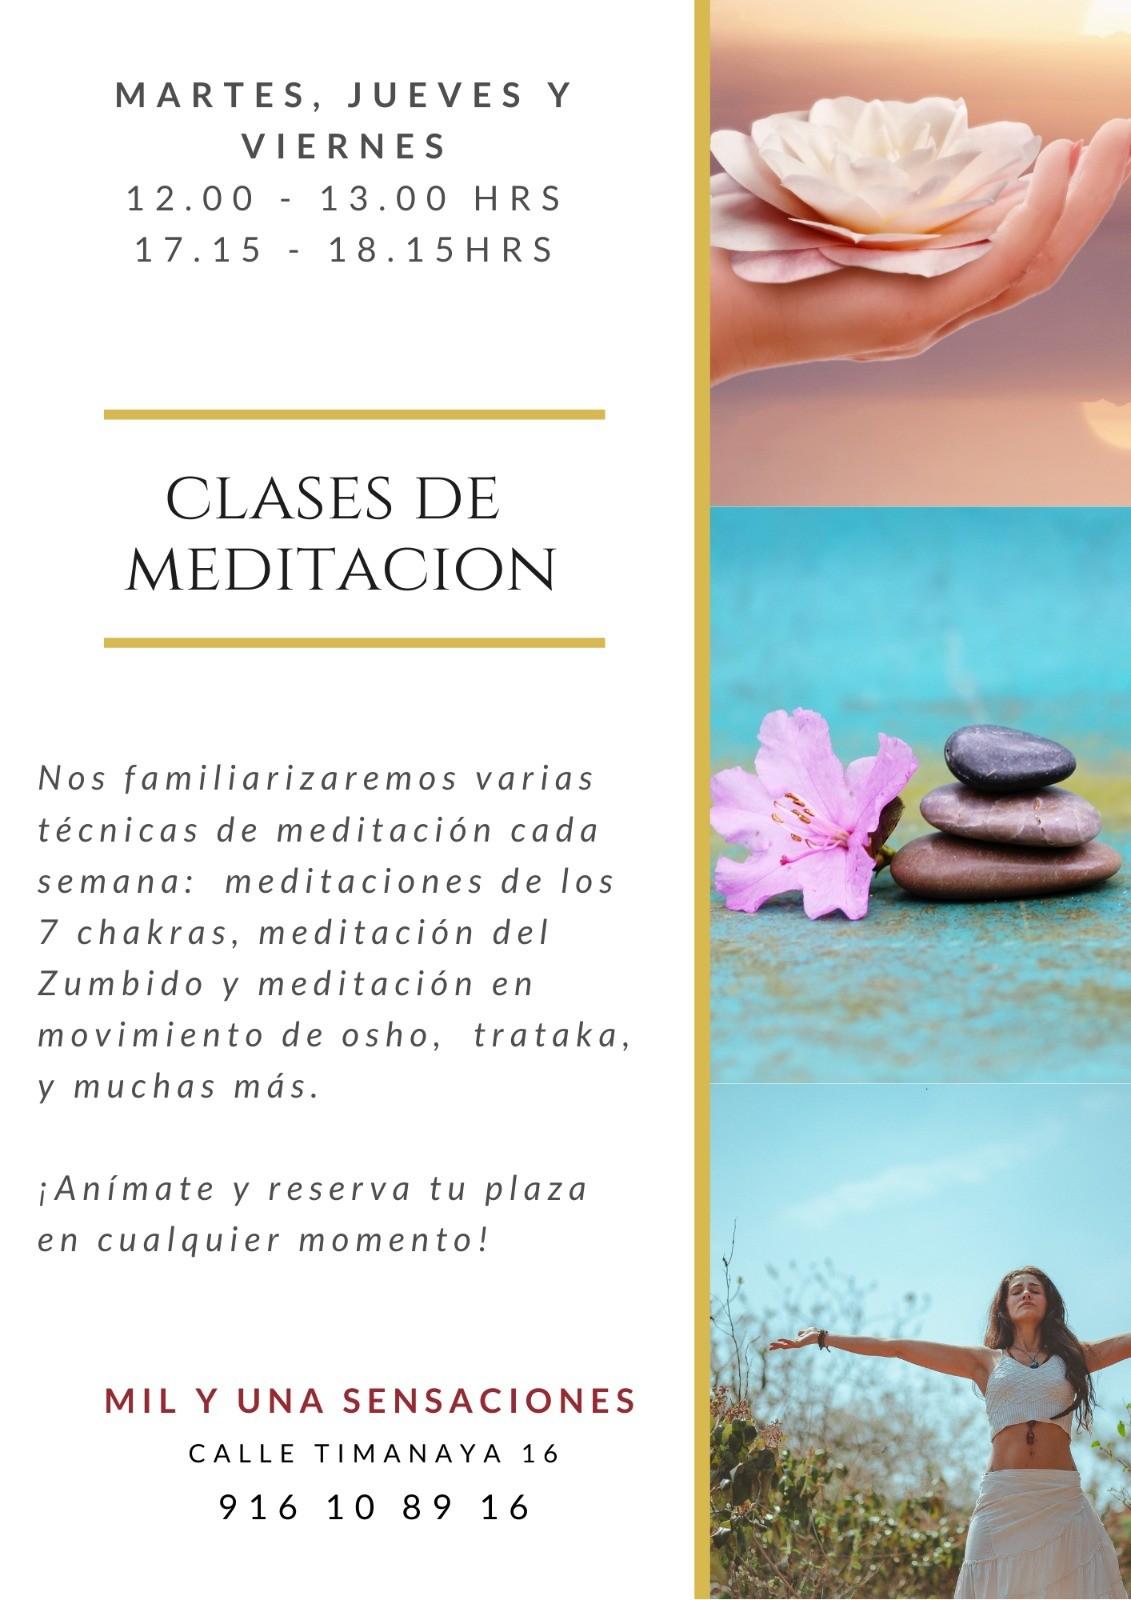 Clases de meditación